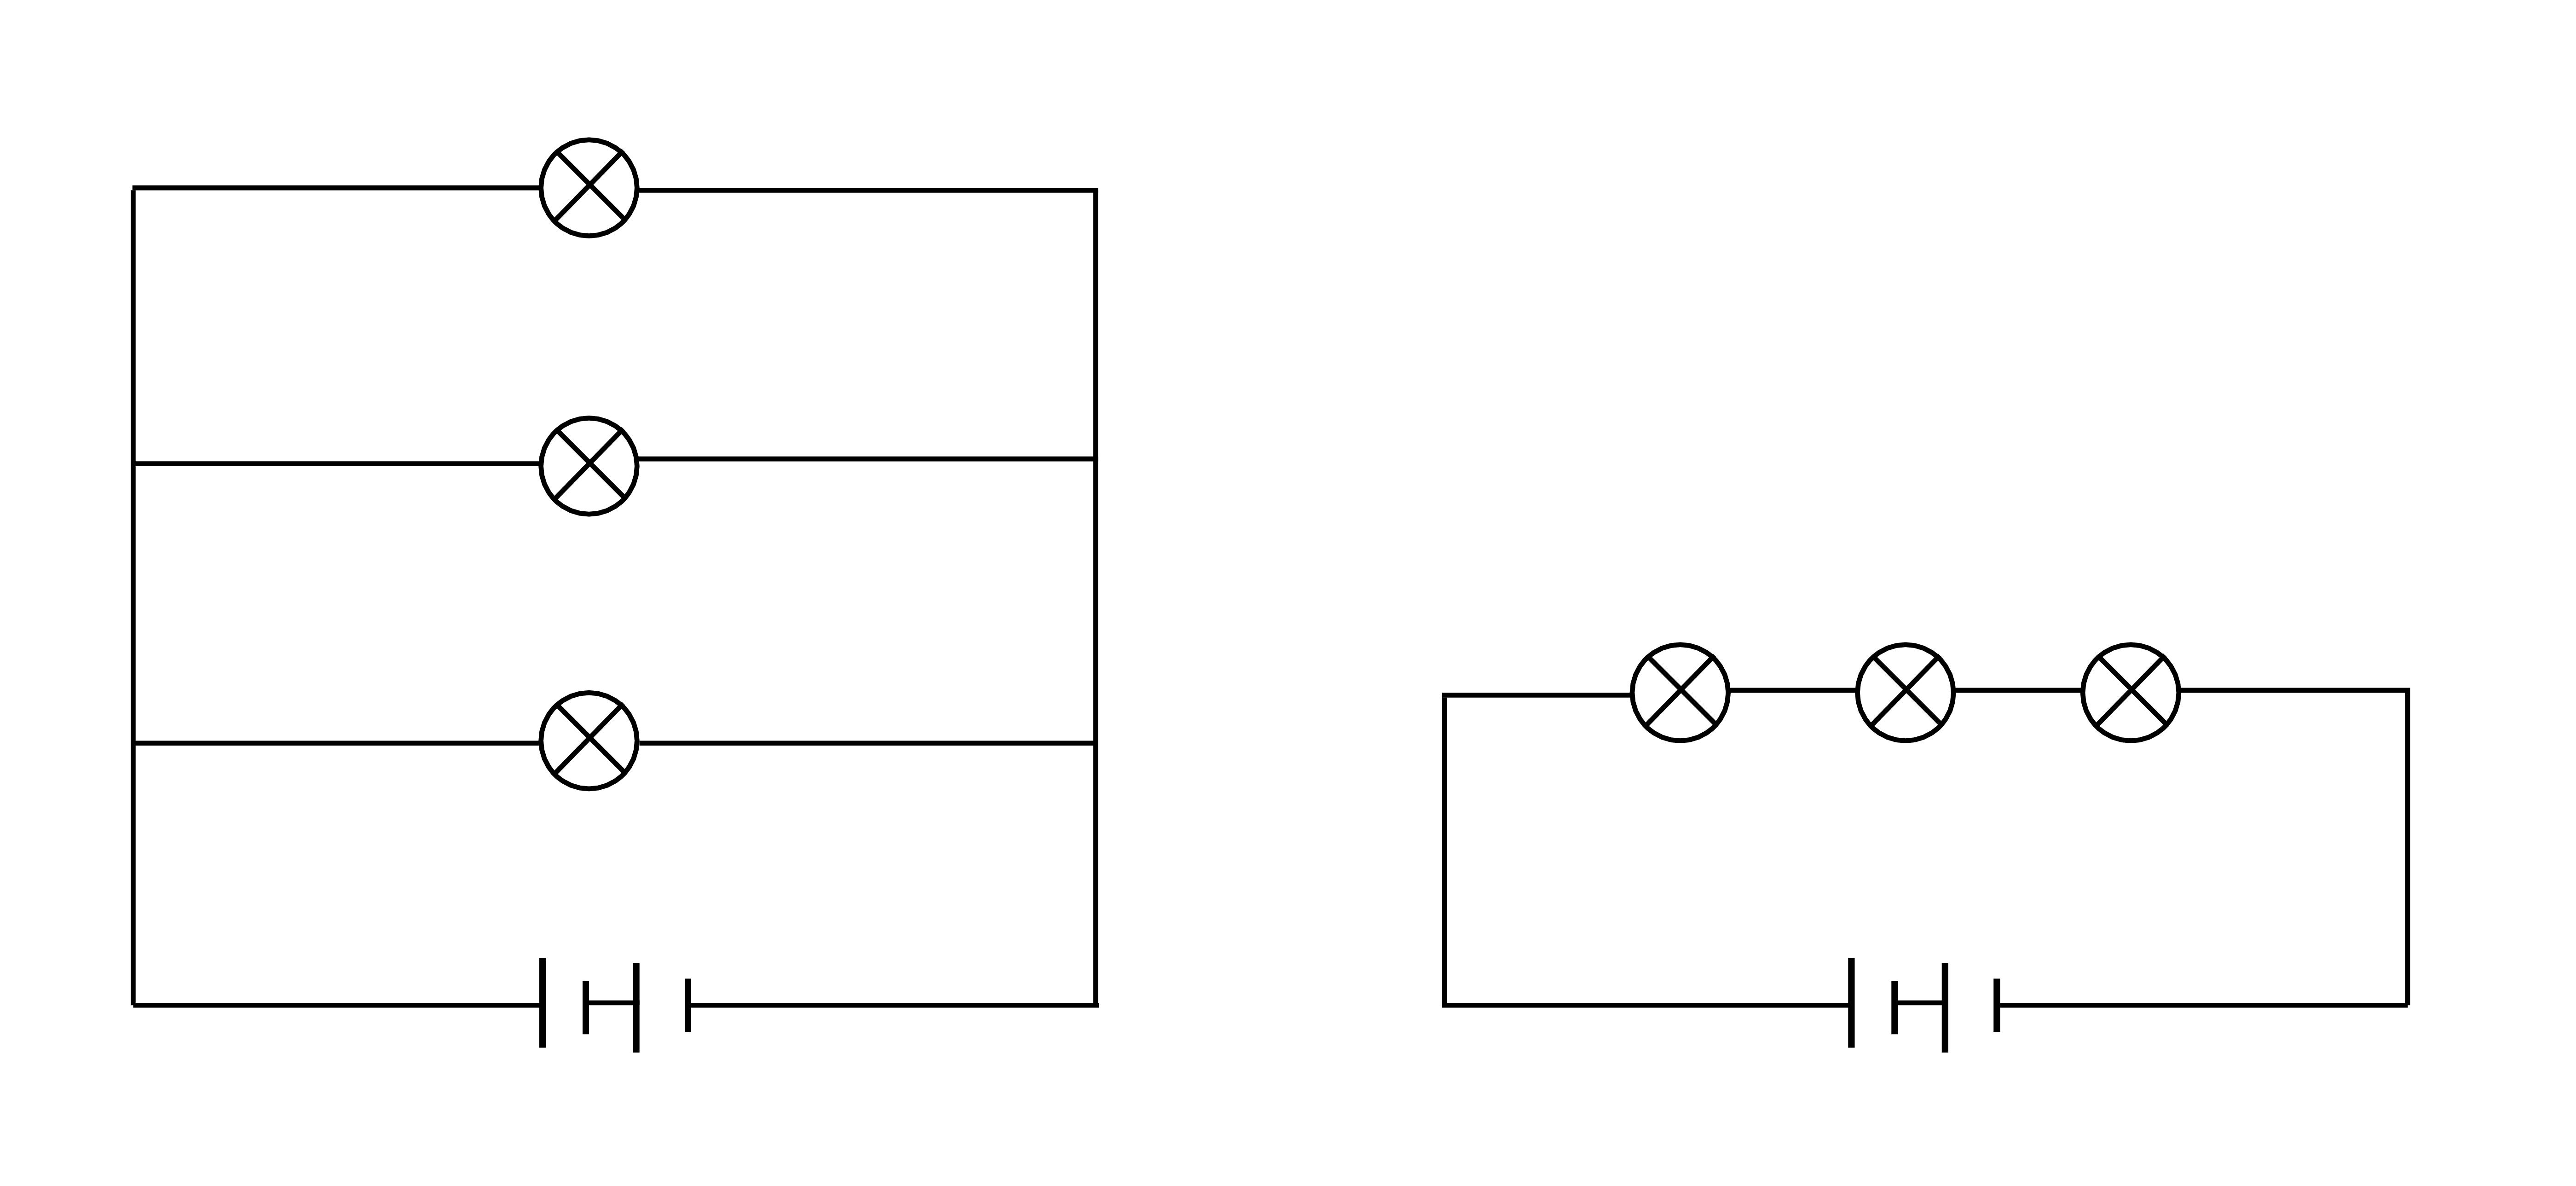 फ़ाइल:श्रृंखला और समानांतर सर्किट.jpg